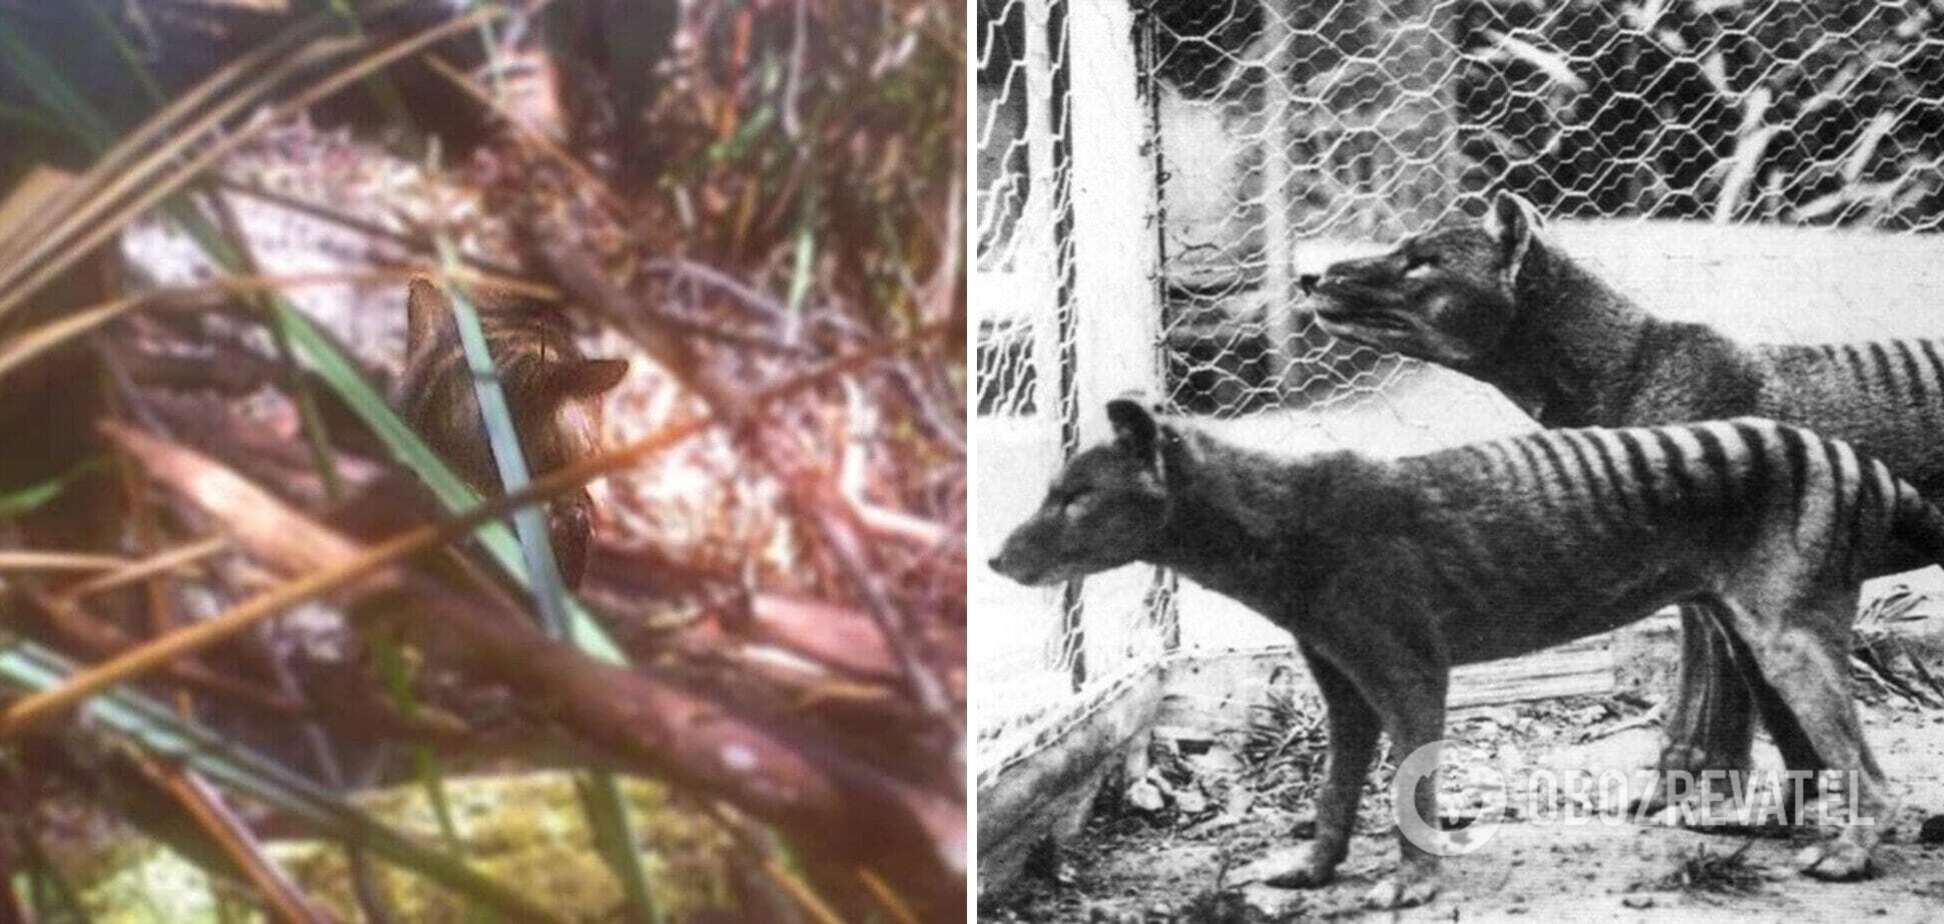 Фотограф зазнімкував 'тасманійського тигра', якого вважають вимерлим із 1936 року. Відео